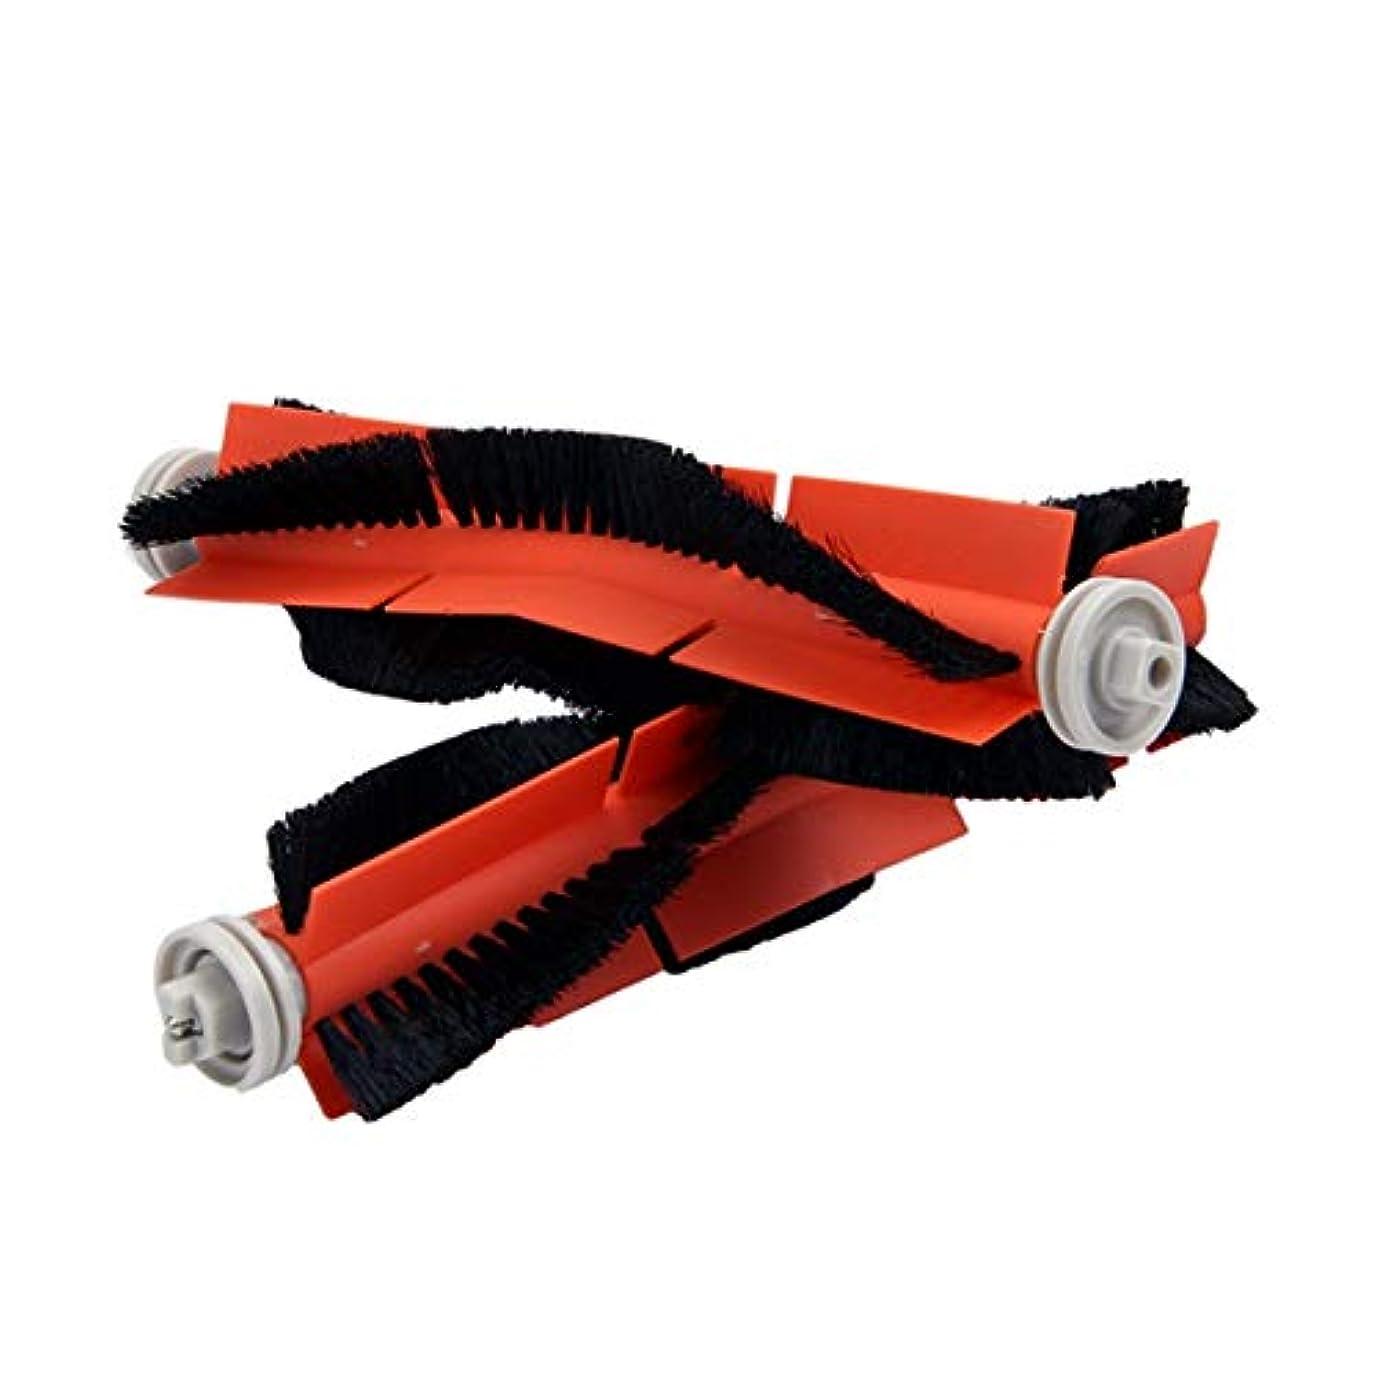 教え眼前投薬ACAMPTAR 掃除機部品アクセサリー / roborock用アクセサリー3 本 サイドブラシ2個 HEPAフィルター2個 メインブラシ1個 クリーニングツール